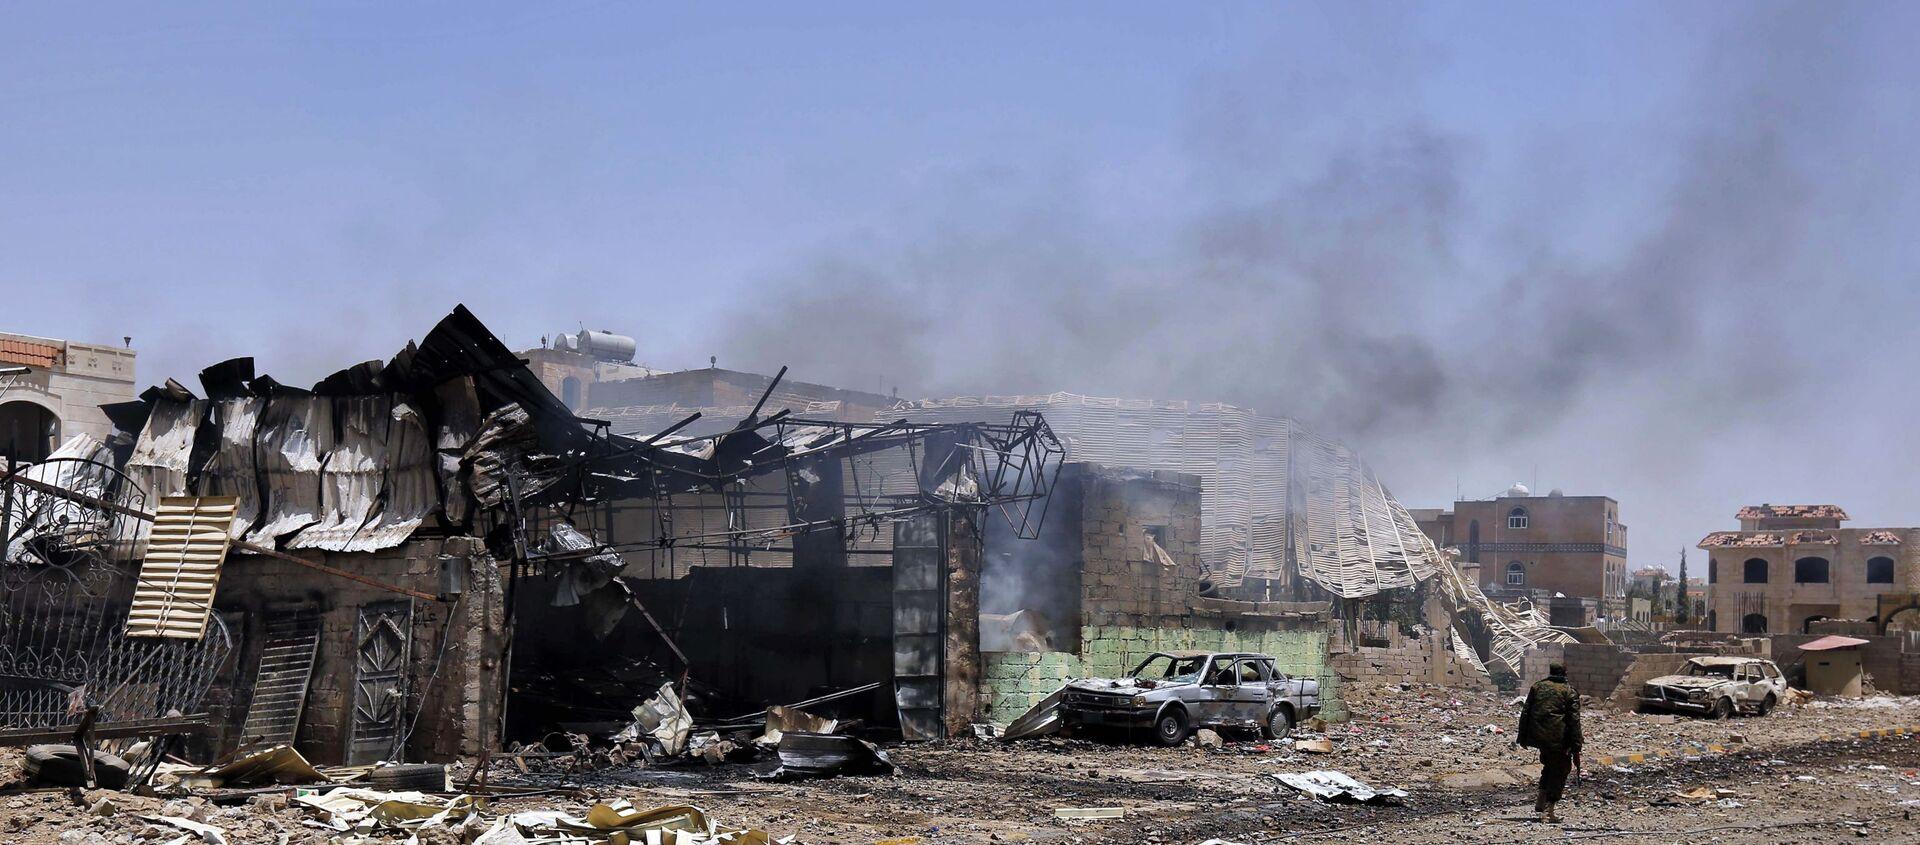 Maisons dans un quartier de la ville de Sana'a détruites lors d'une frappe aérienne menée par une coalition de pays arabes dirigée par l'Arabie saoudite contre une base de missiles dans la capitale yéménite. - Sputnik France, 1920, 23.03.2021